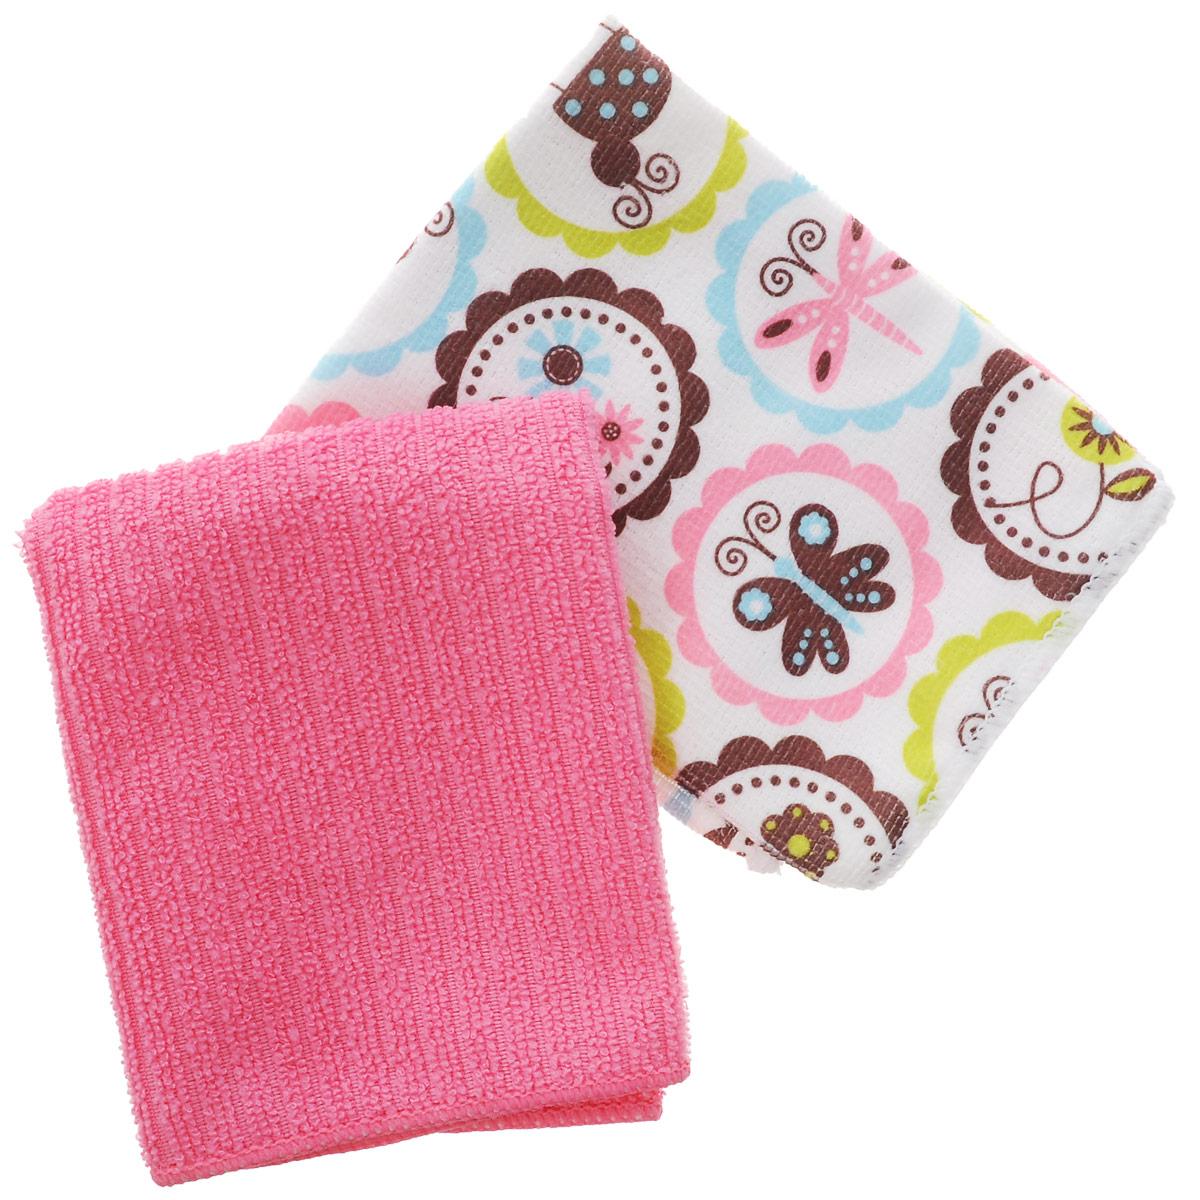 Набор полотенец Bon Appetit Бабочки, цвет: розовый, белый, 30 см х 30 см, 2 штVT-1520(SR)Набор полотенец Bon Appetit Бабочки, изготовленный из 100% микрофибры, идеален для рук. Этот нанотехлогочный материал, отлично впитывает воду, сохраняет яркие краски и внешний вид после многочисленных стирок. Качество материала гарантирует безопасность не только взрослых, но и самых маленьких членов семьи. Изделие украшено оригинальным и ярким рисунком, оно впишется в интерьер любой кухни.Кухонные полотенца Bon Appetit идеально дополнят интерьер вашей кухни и создадут атмосферу уюта и комфорта.Размер полотенца: 30 см х 30 см.Комплектность: 2 шт.